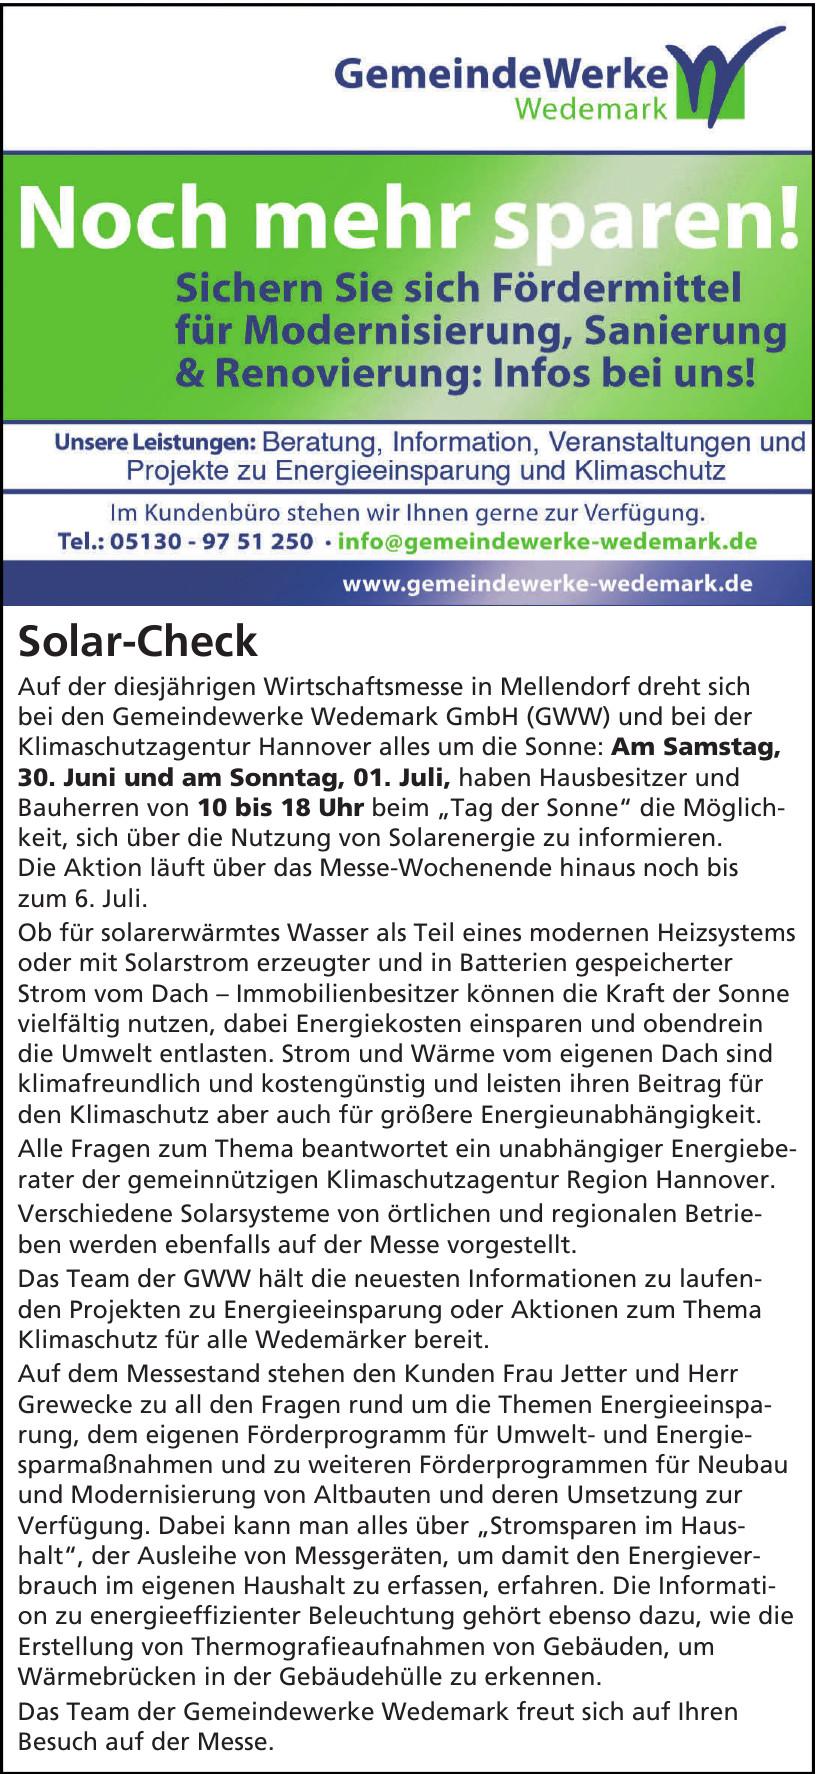 Gemeinde Werke Wedemark